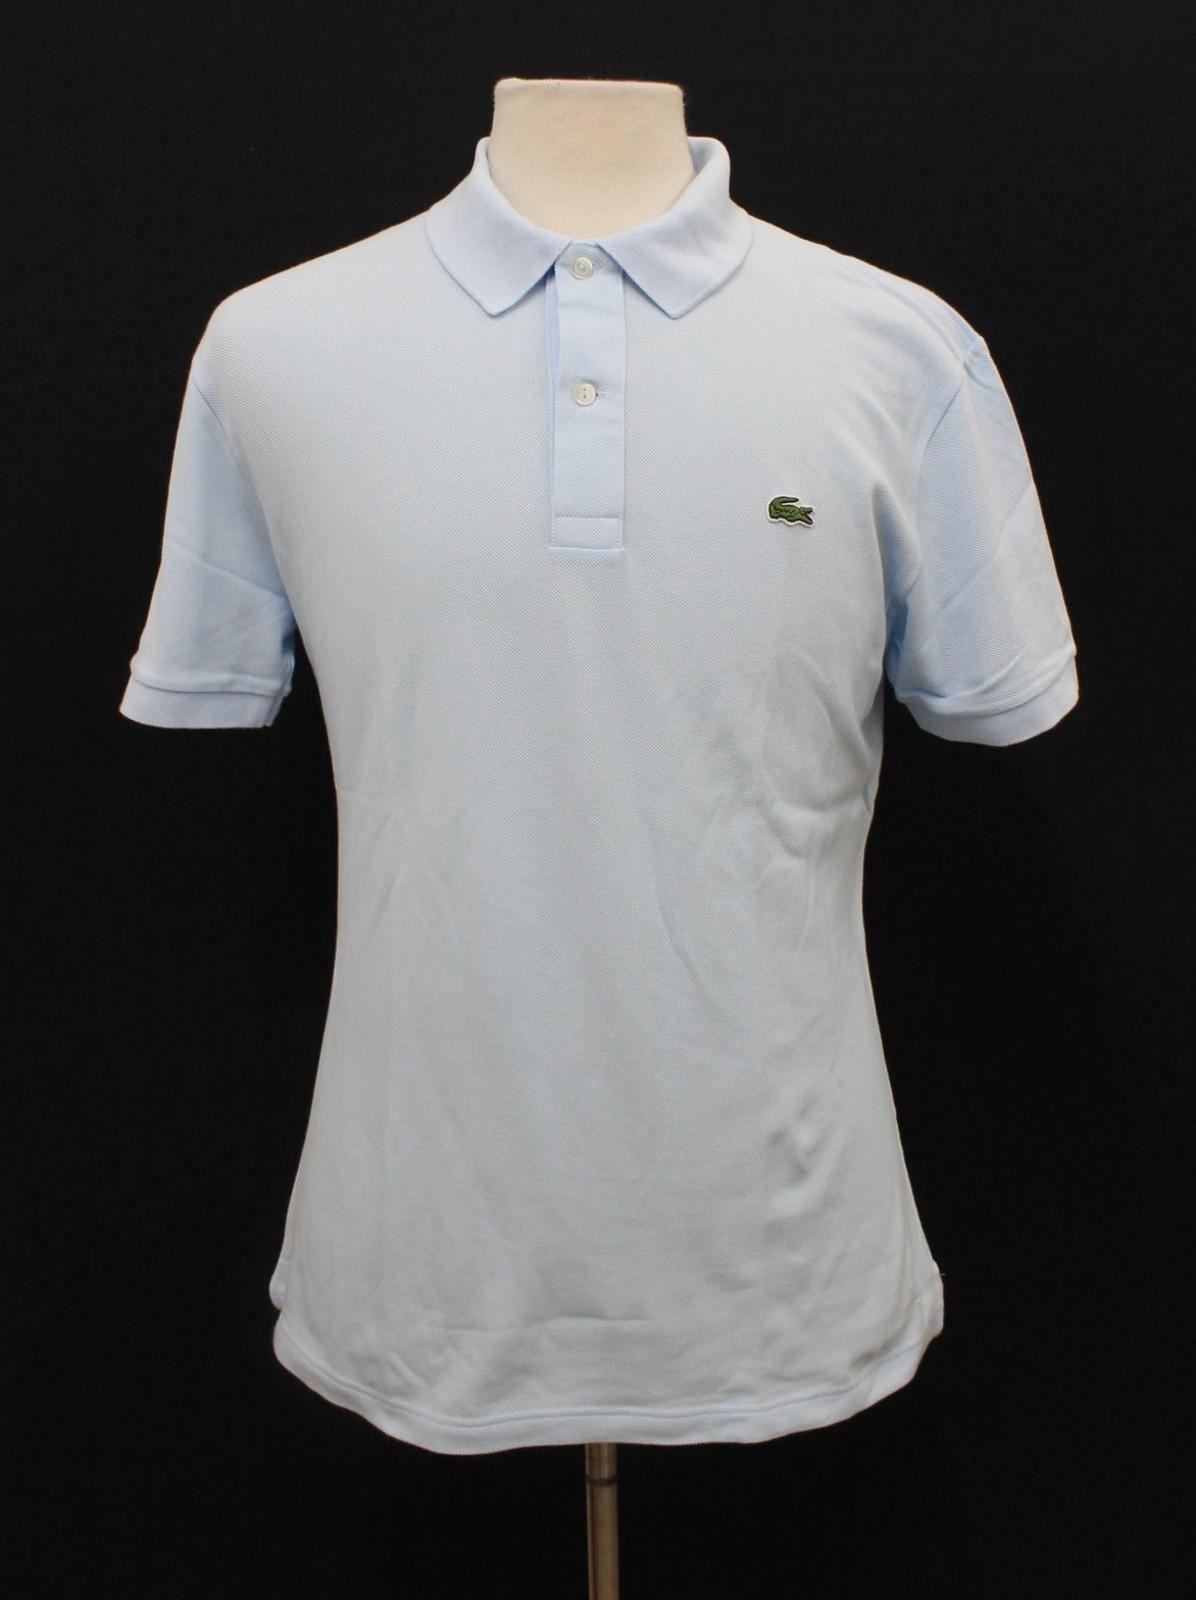 LACOSTE-Men-039-s-Pastel-Blue-Cotton-Short-Sleeve-Slim-Fit-Polo-Shirt-Size-6-L